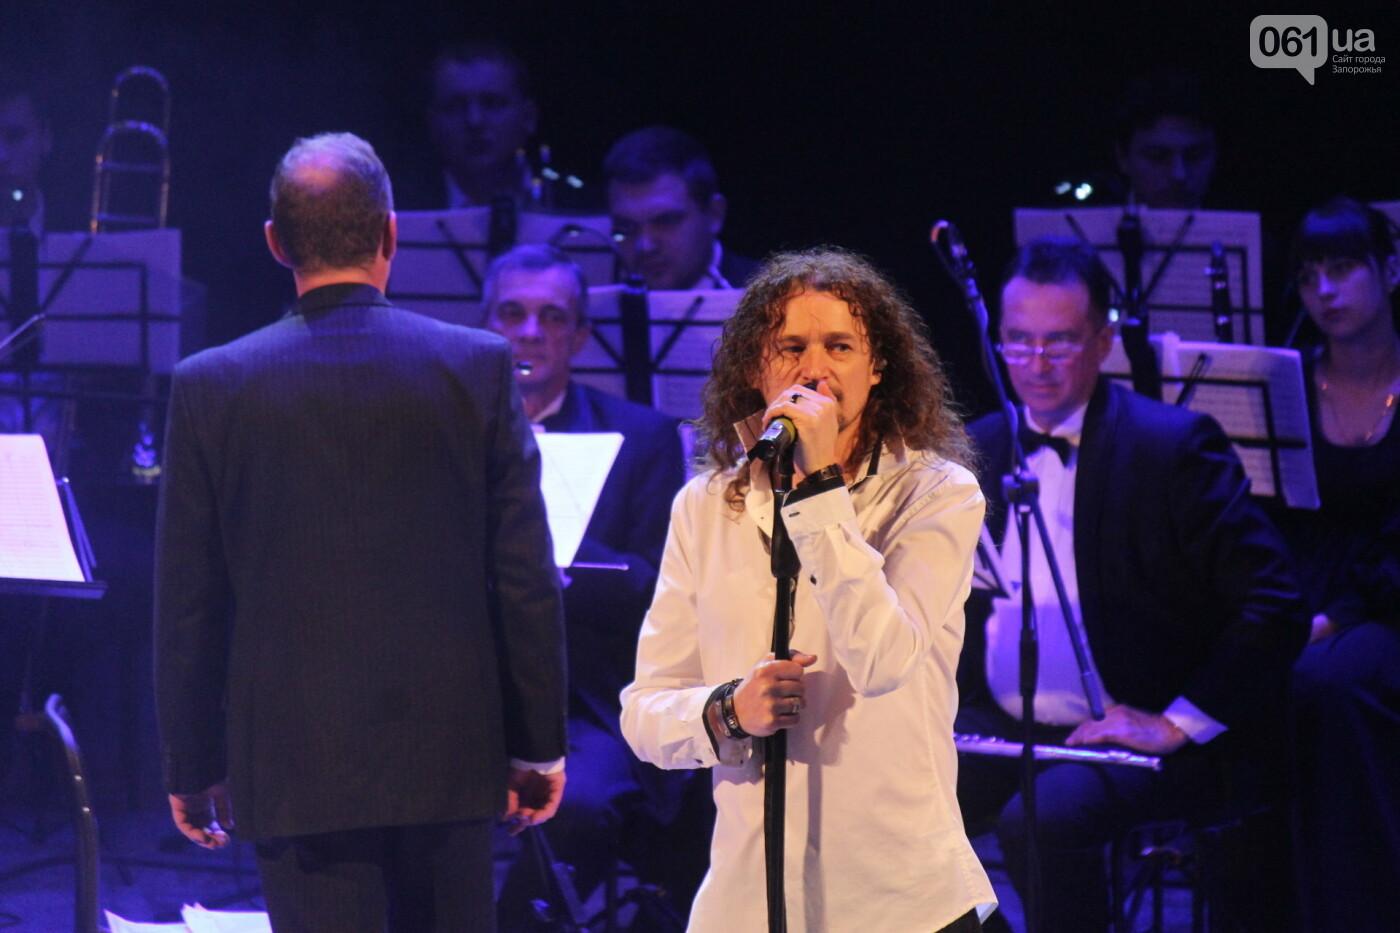 В Запорожье группа «Скрябин» сыграла лучшие хиты с симфоническим оркестром, – ФОТОРЕПОРТАЖ, фото-6